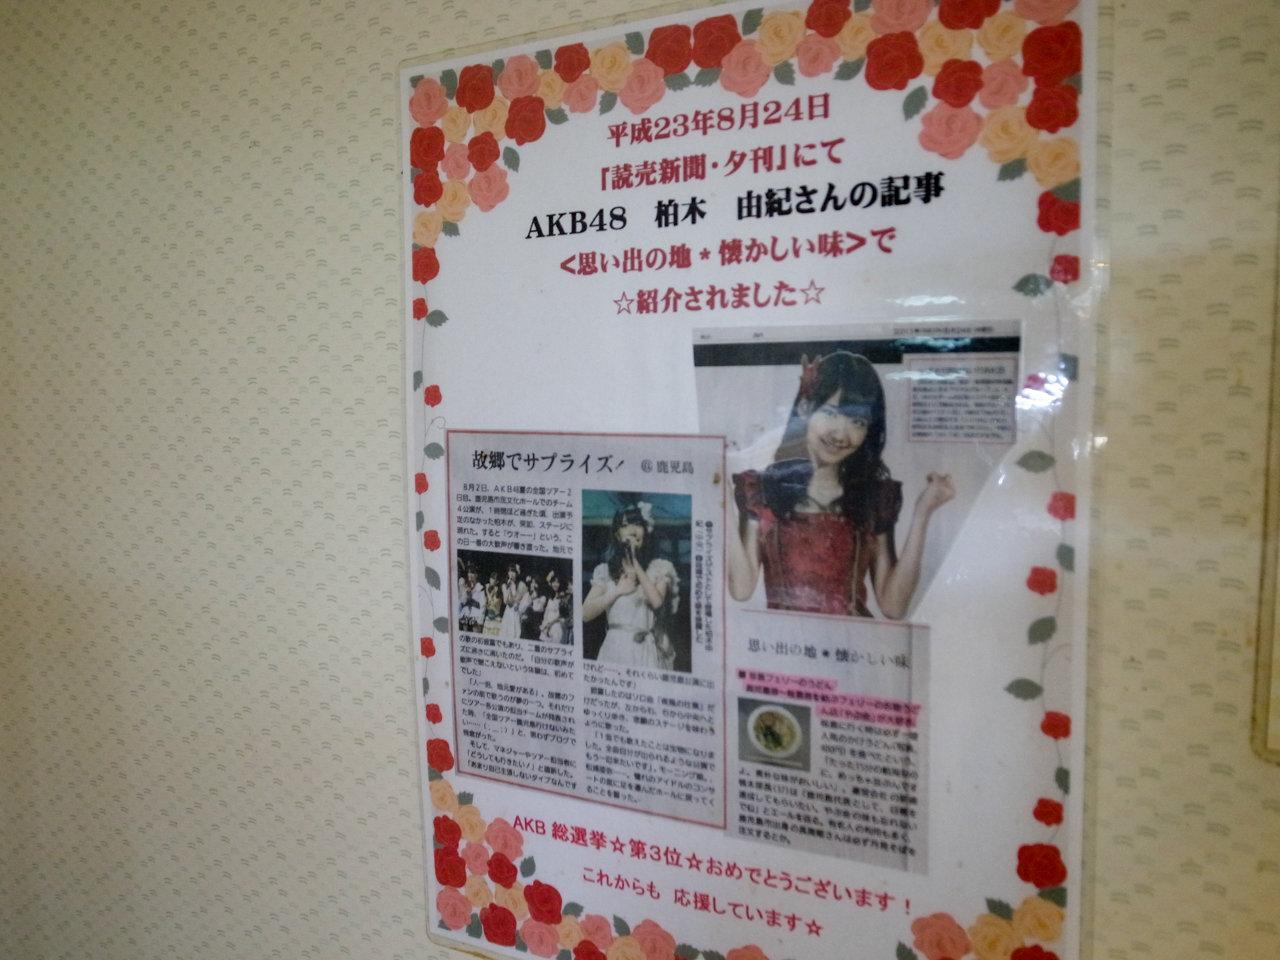 kagoshima_gr4-2